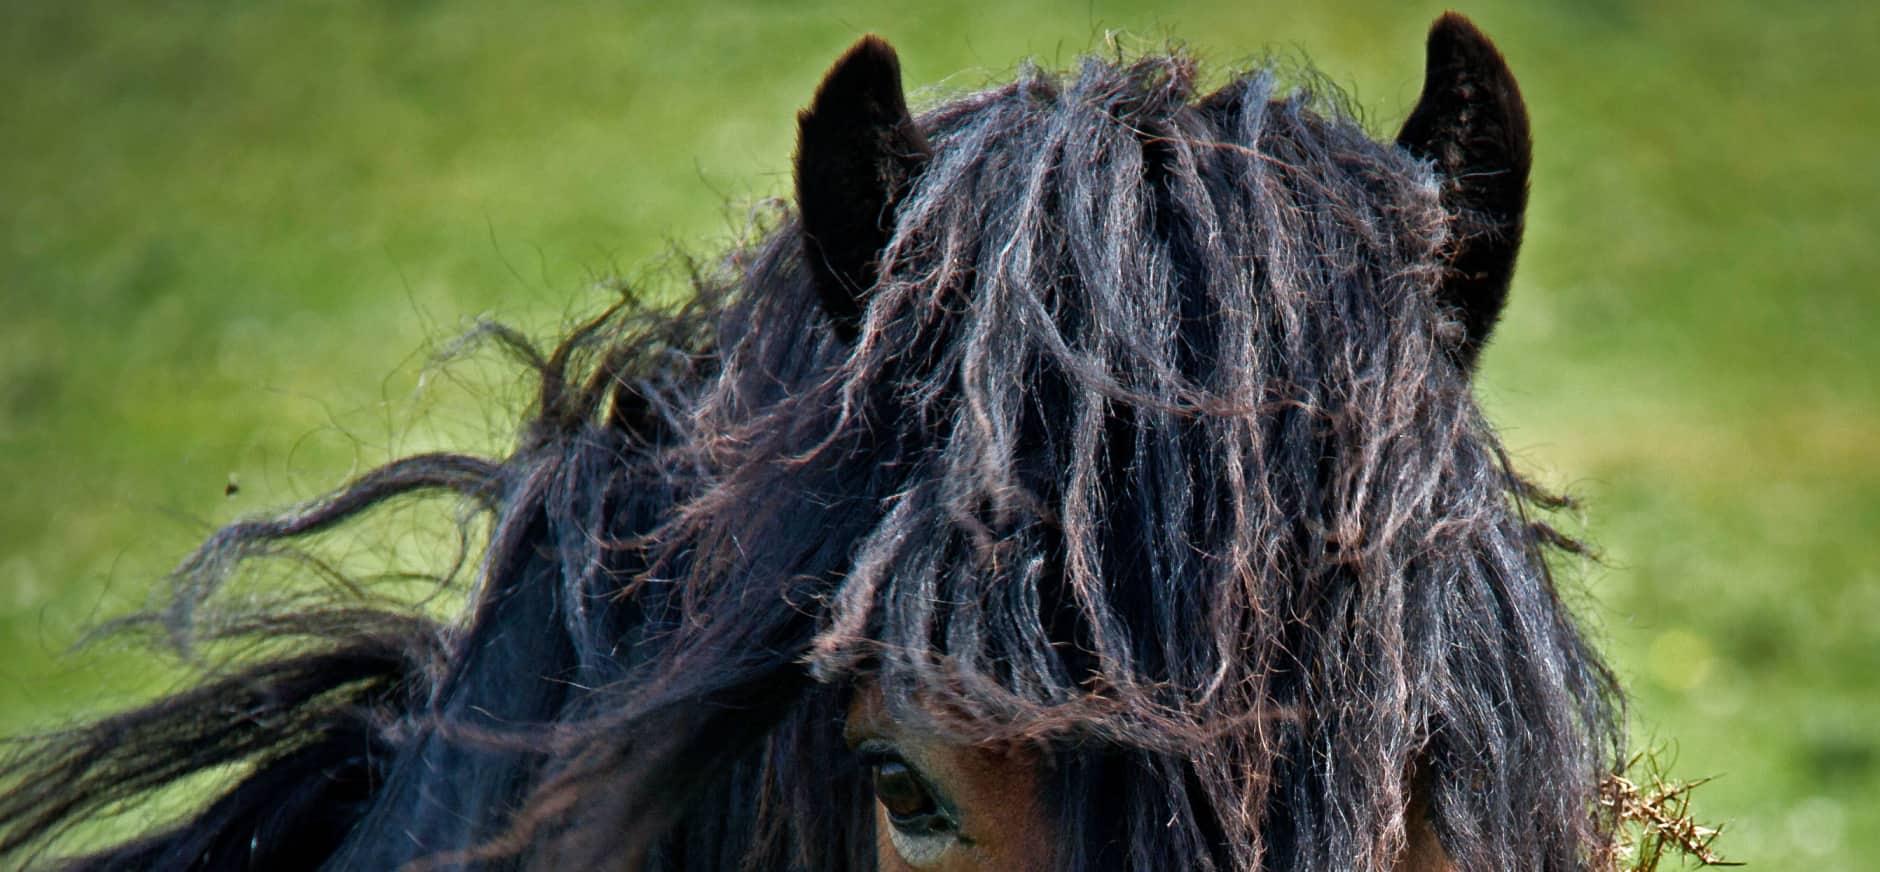 Exmoor pony's voor De Onlanden